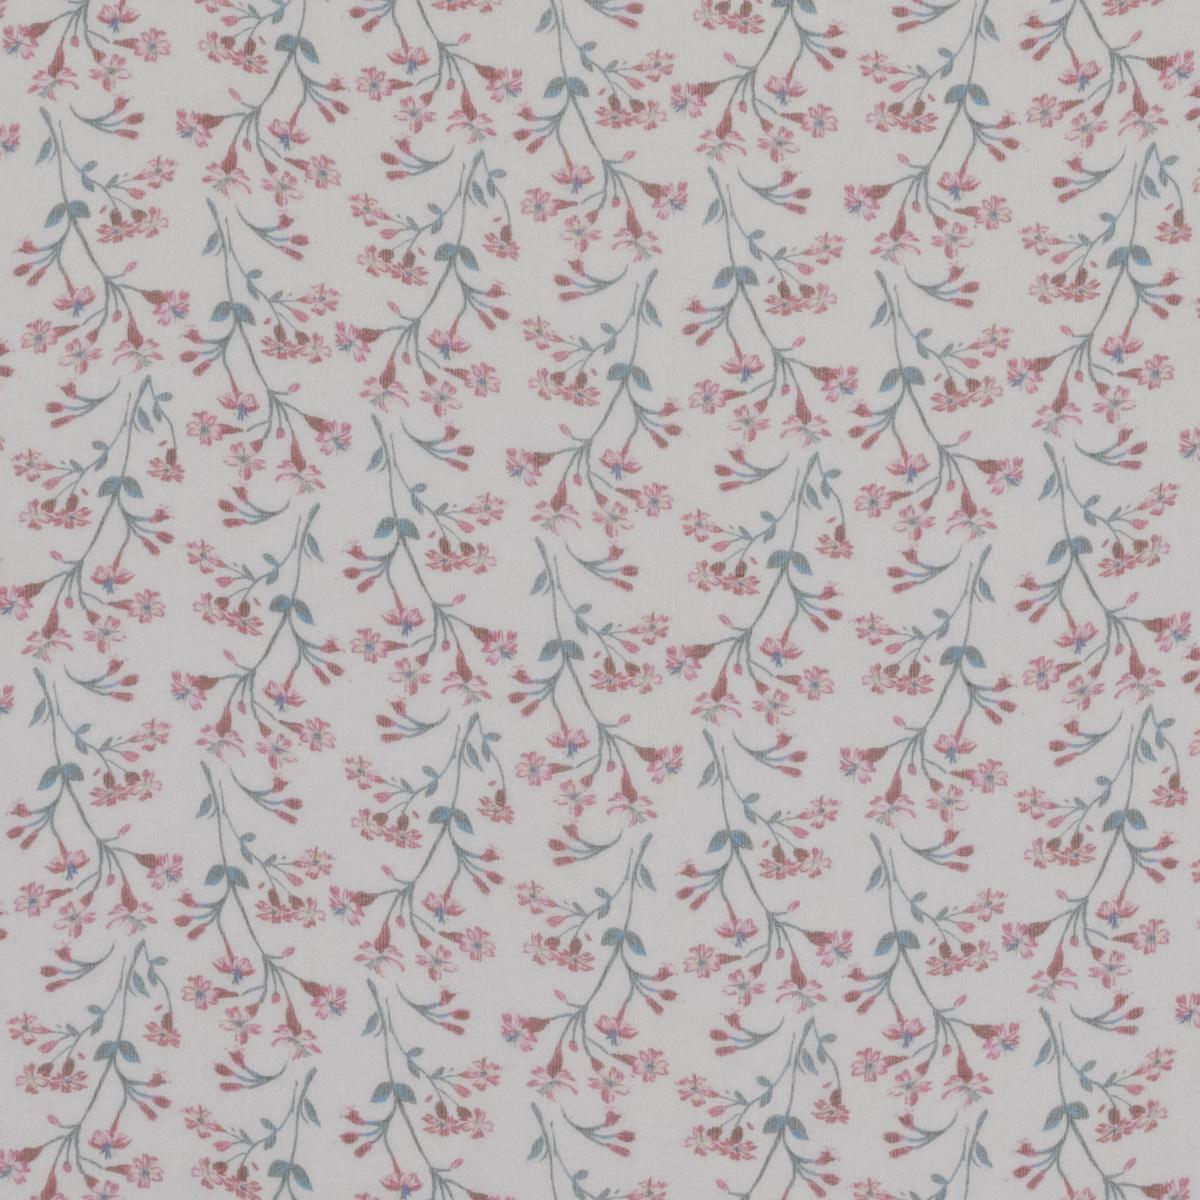 Полупрозрачный шёлковый шифон с нежно-розовыми цветами